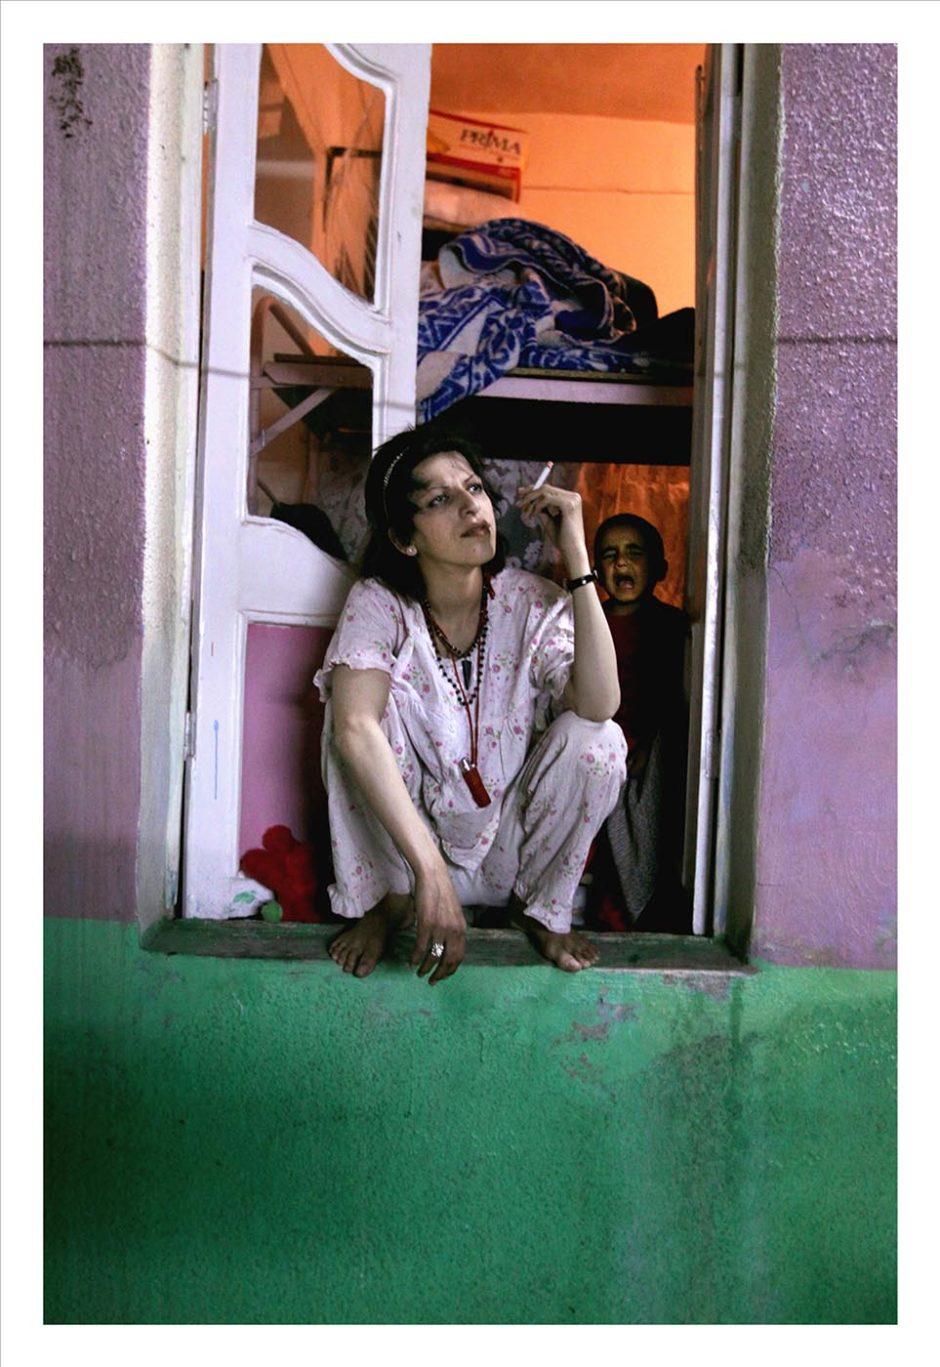 prix iwpa   appel  u00e0 candidature pour les femmes photographes